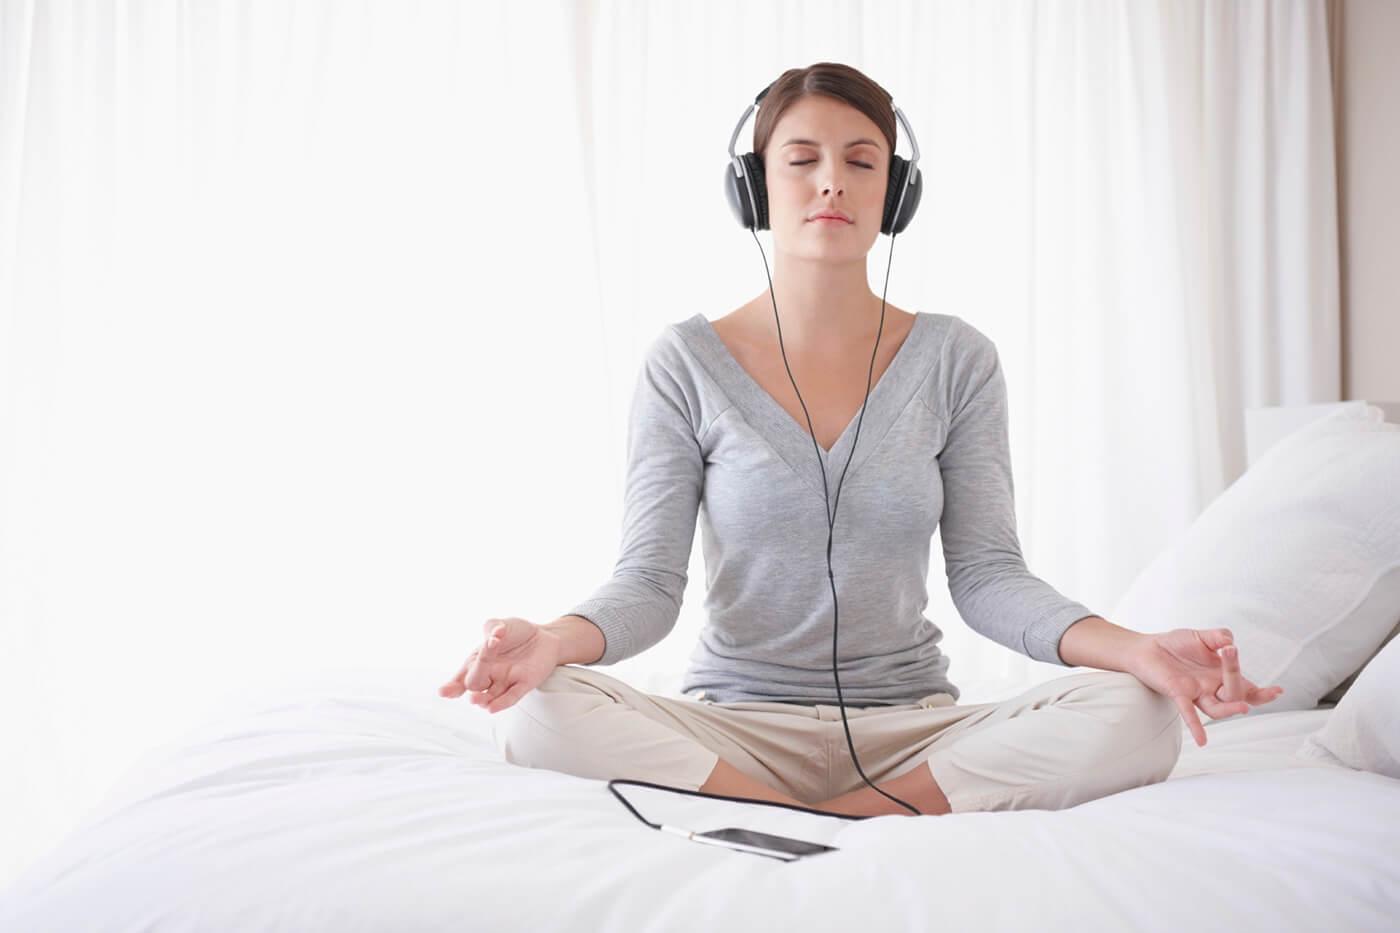 главные аспекты медитации для начинающих